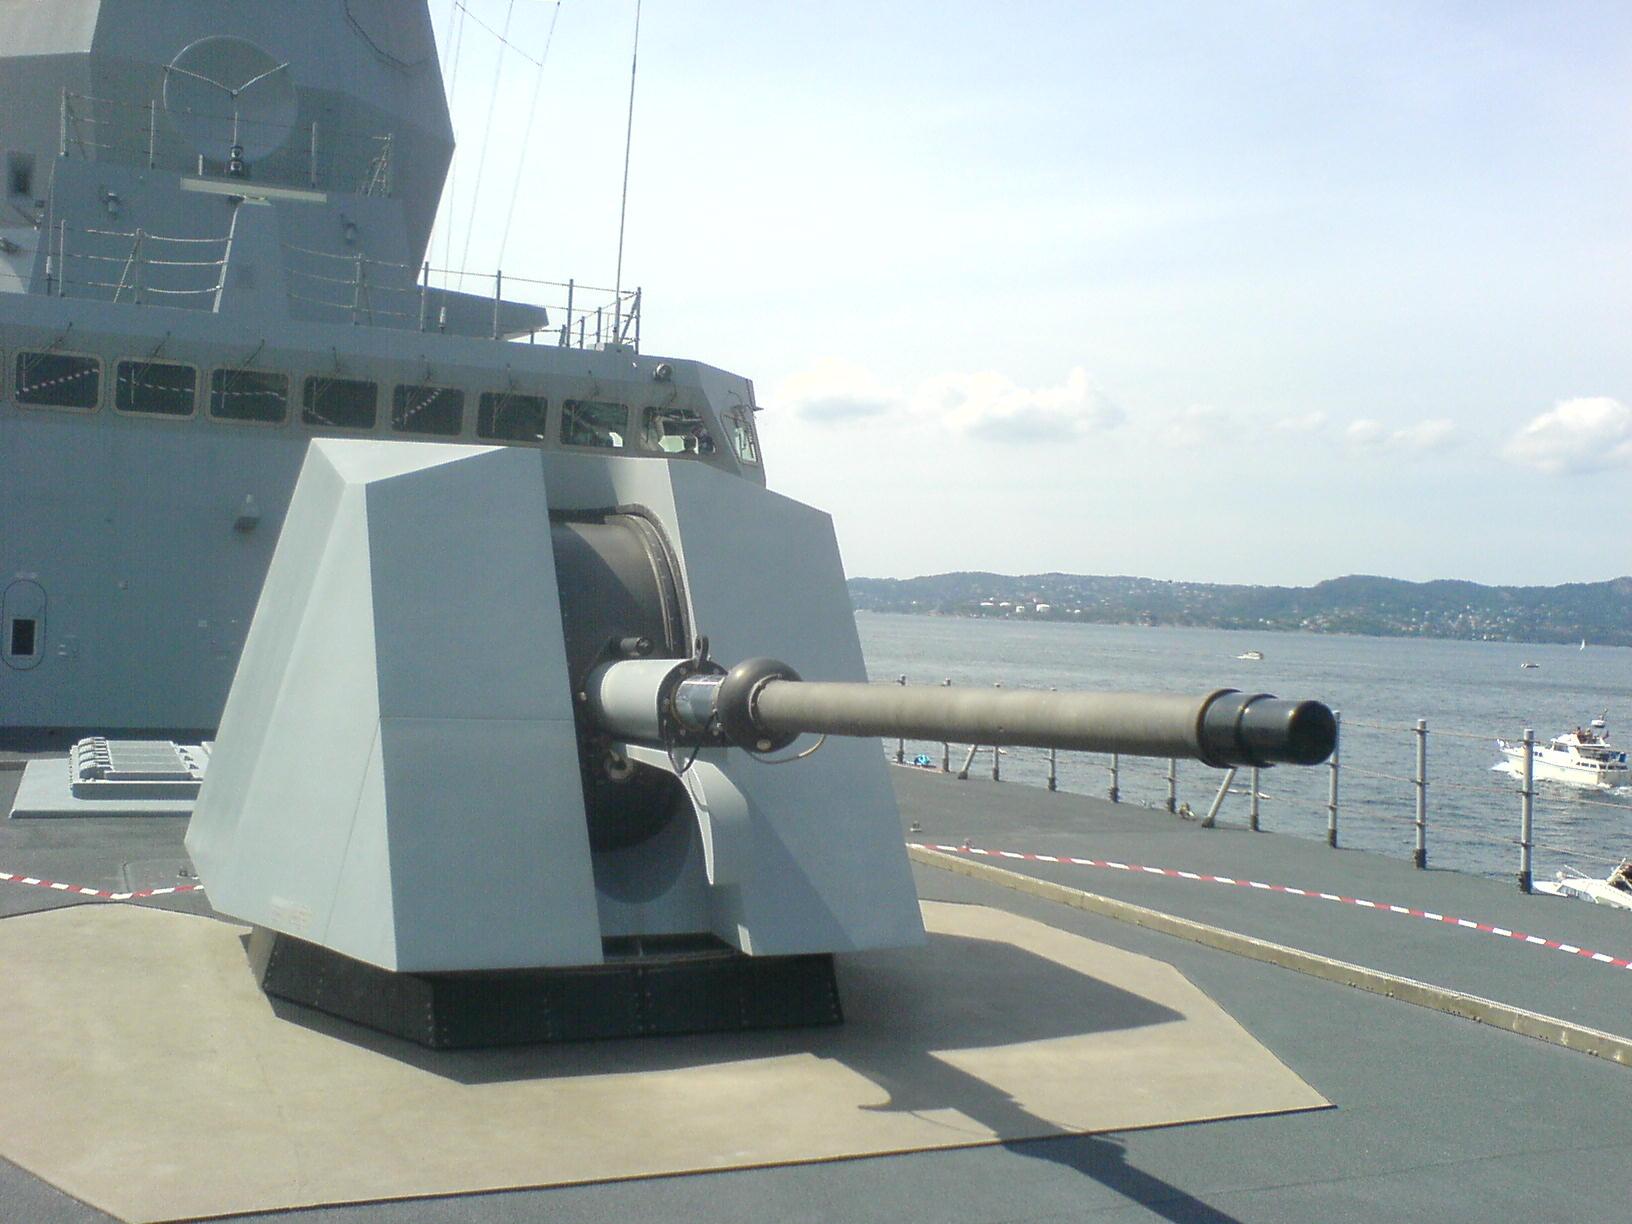 Marine norvégienne - Norwegian Navy - Page 4 Nansen-oto75mm-2006-07-03